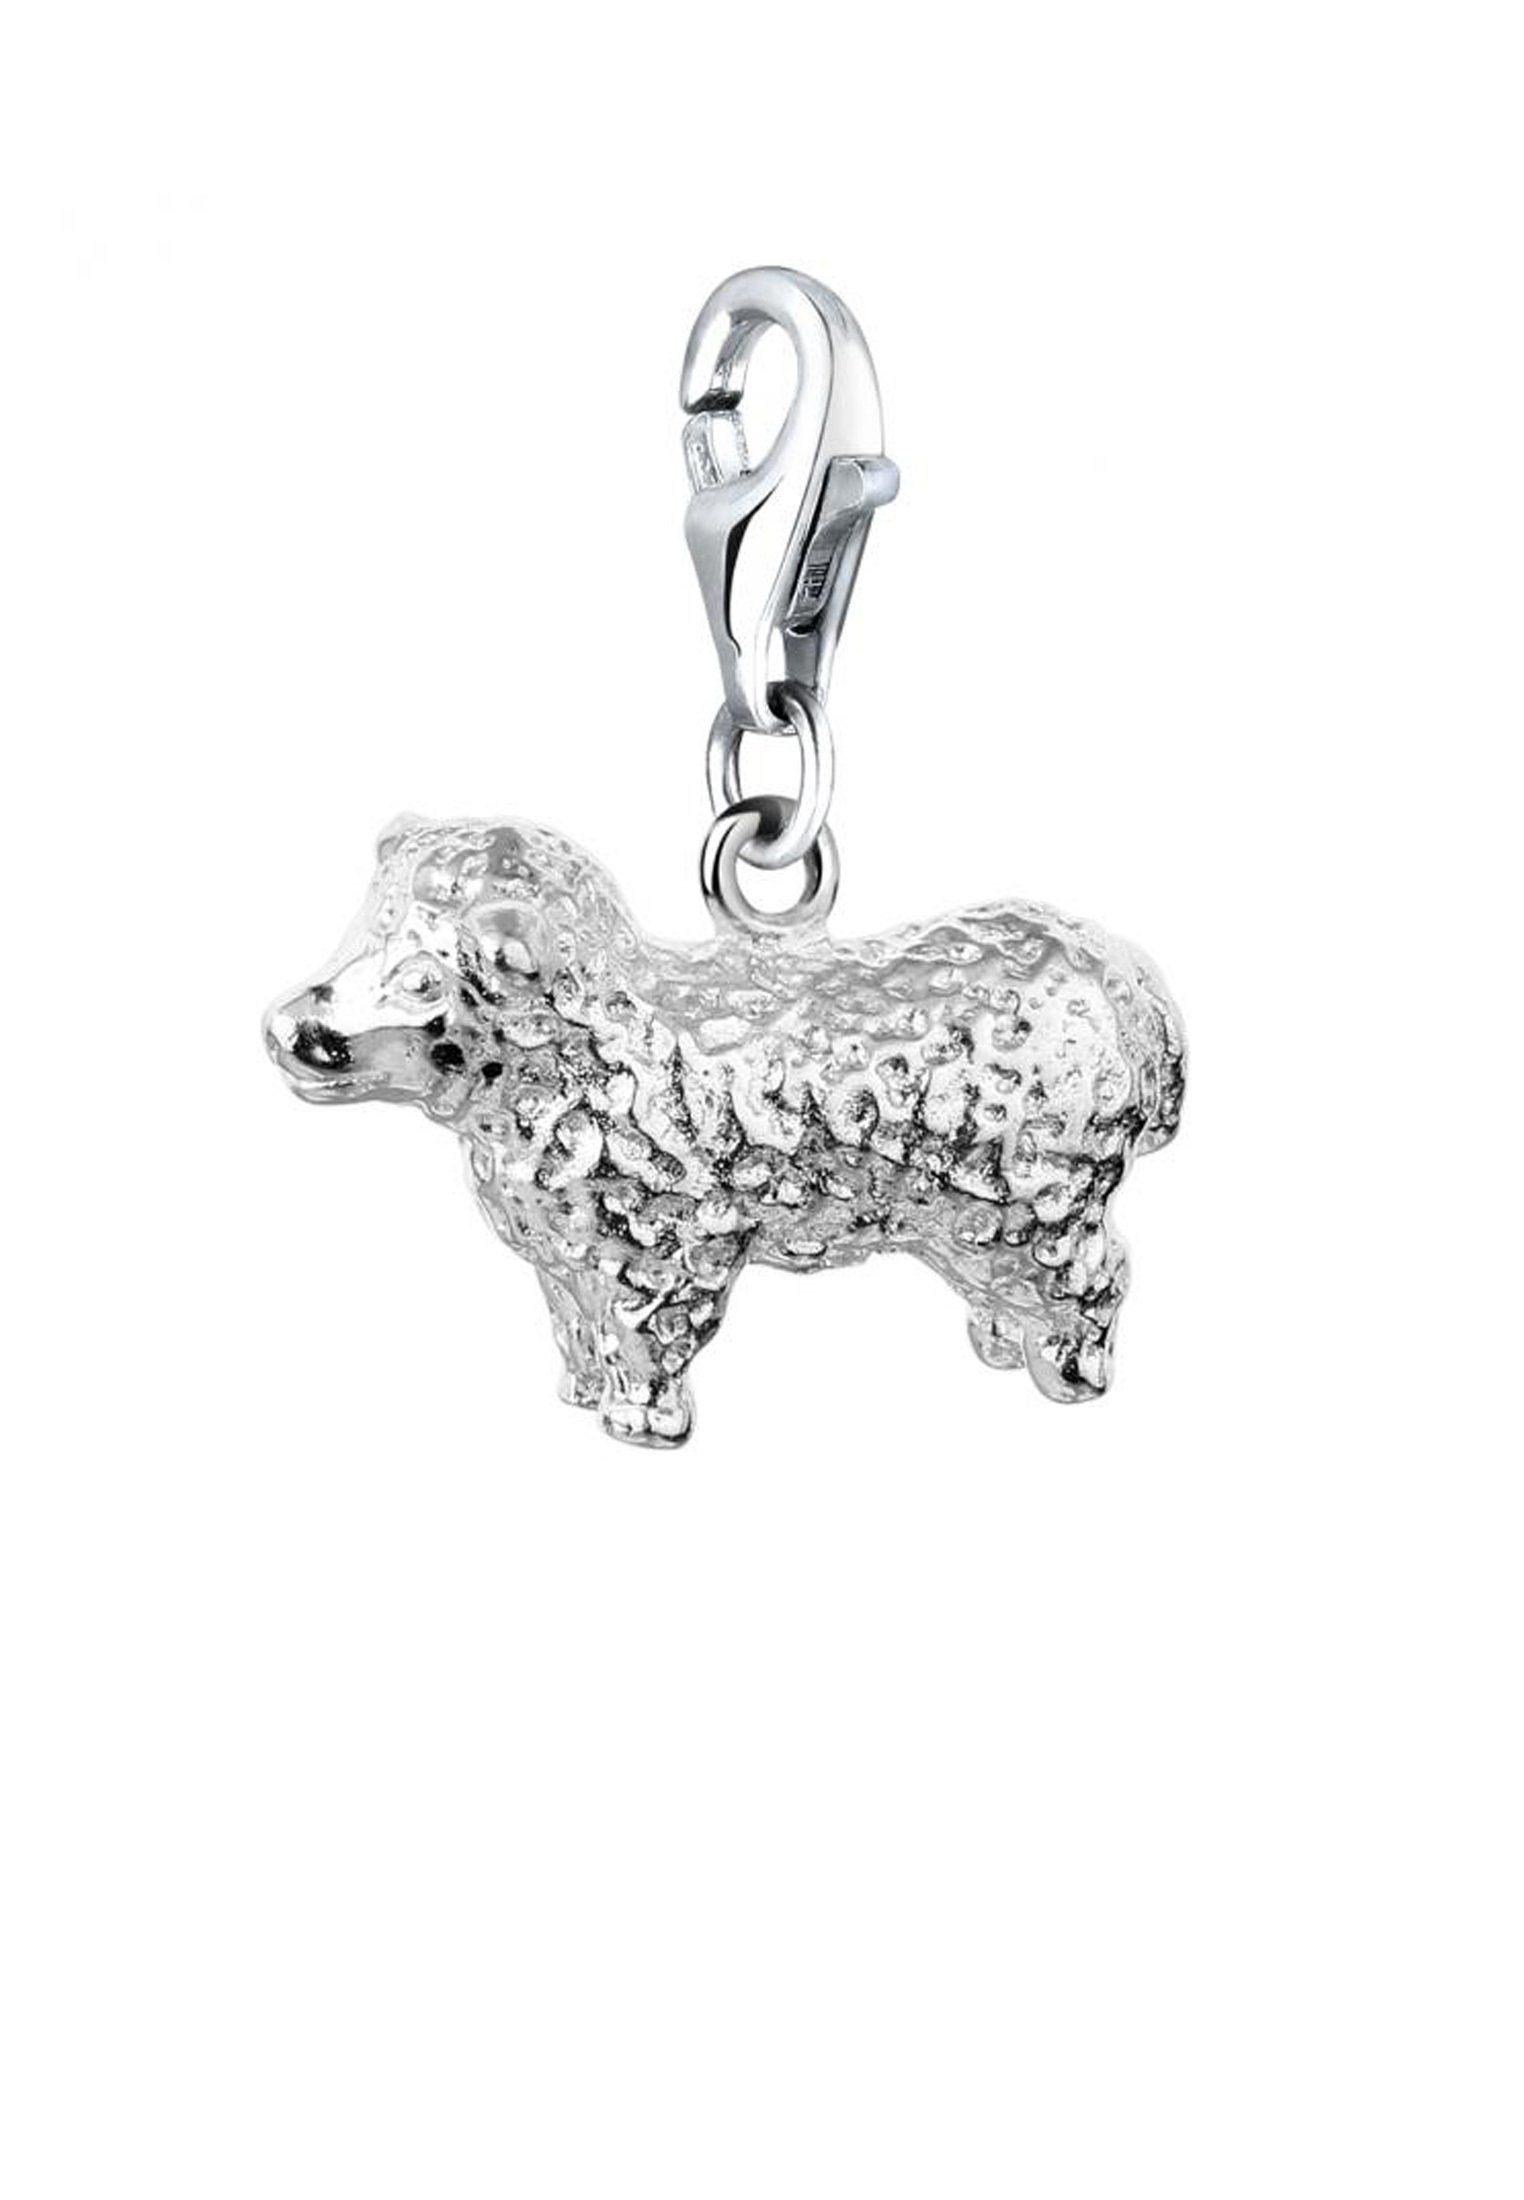 Tierfreund Natur Charm Lamm Silber« Nenalina einhänger Kaufen 925 »schaf Online IYgvb6fy7m